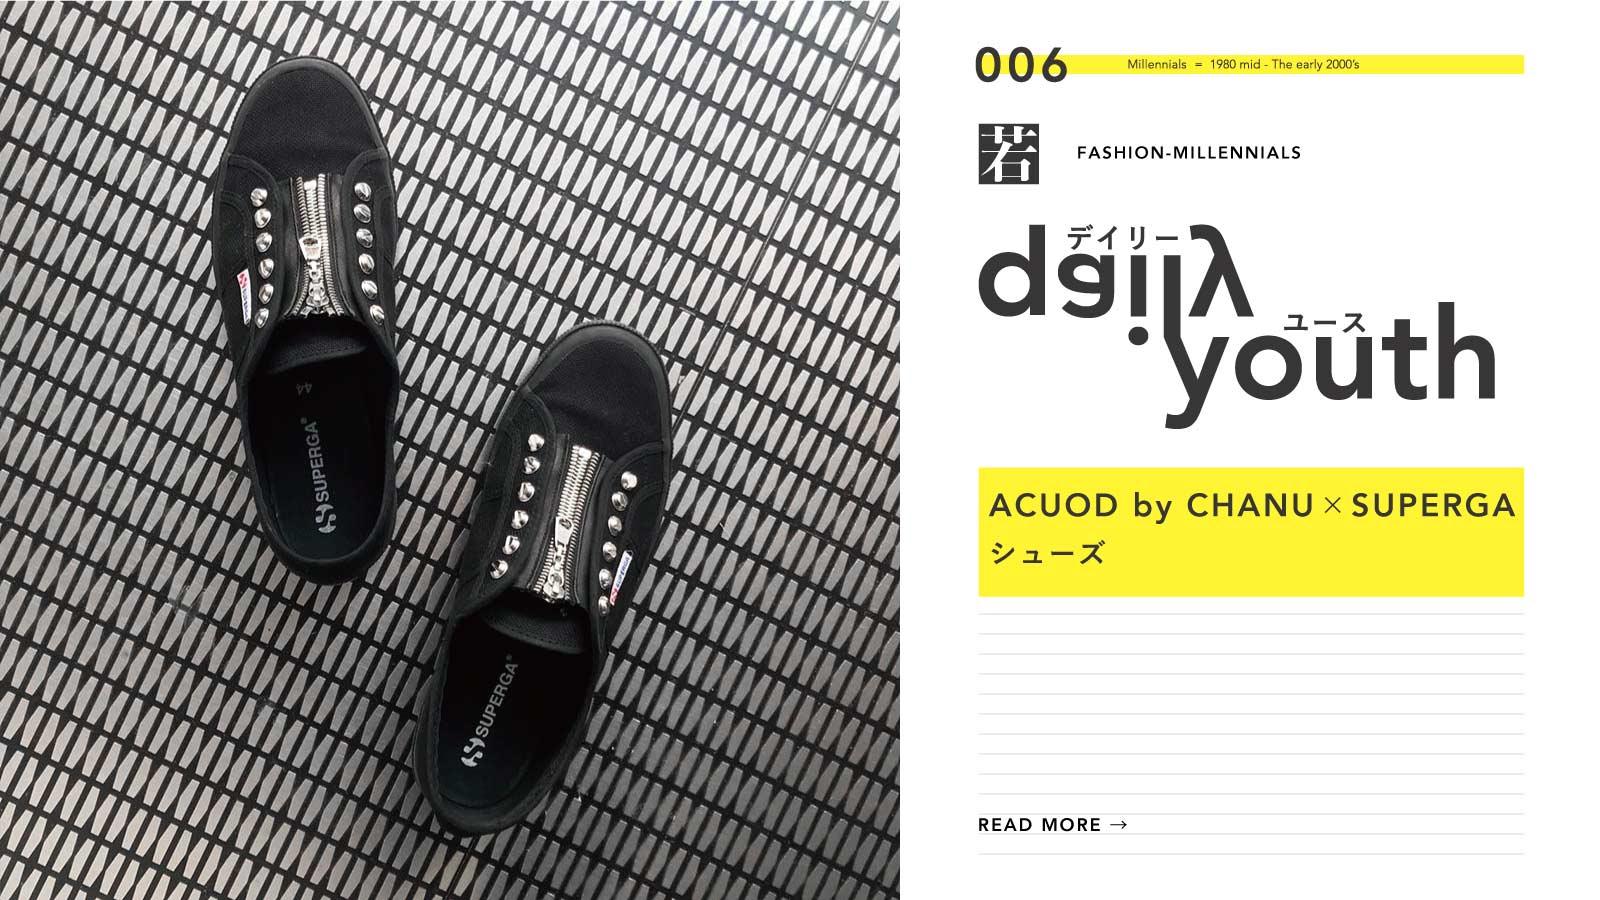 【連載】daily youth|ミレニアル世代のファッションアイテム vol.6 ACUOD by CHANU×SUPERGA(アクオドバイチャヌ×スペルガ)